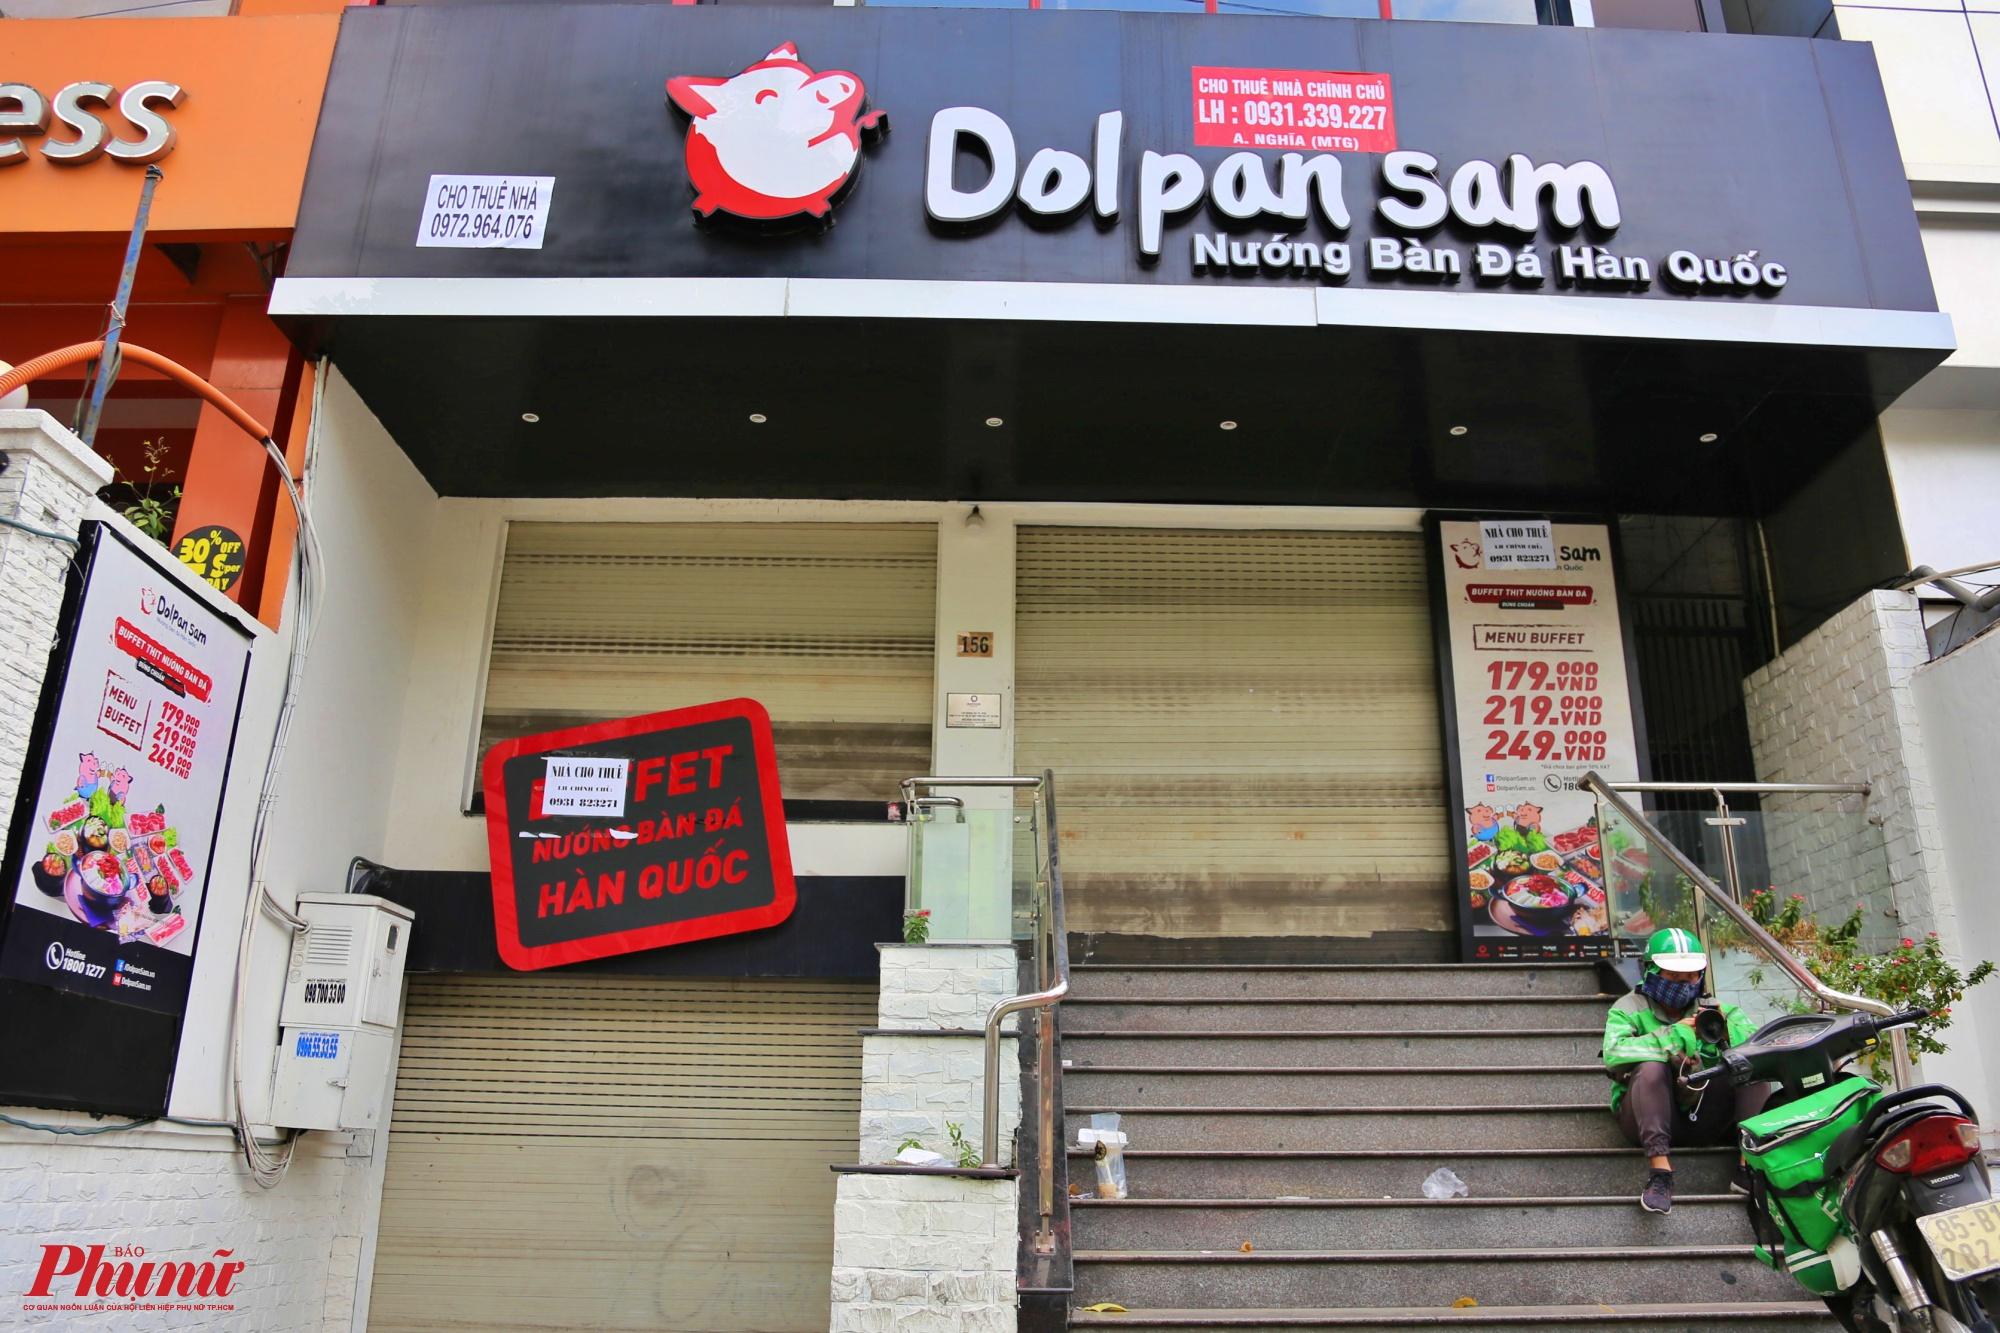 Tiệm ẩm thực Hàn Quốc đã đóng cửa và treo biển cho thuê nhà